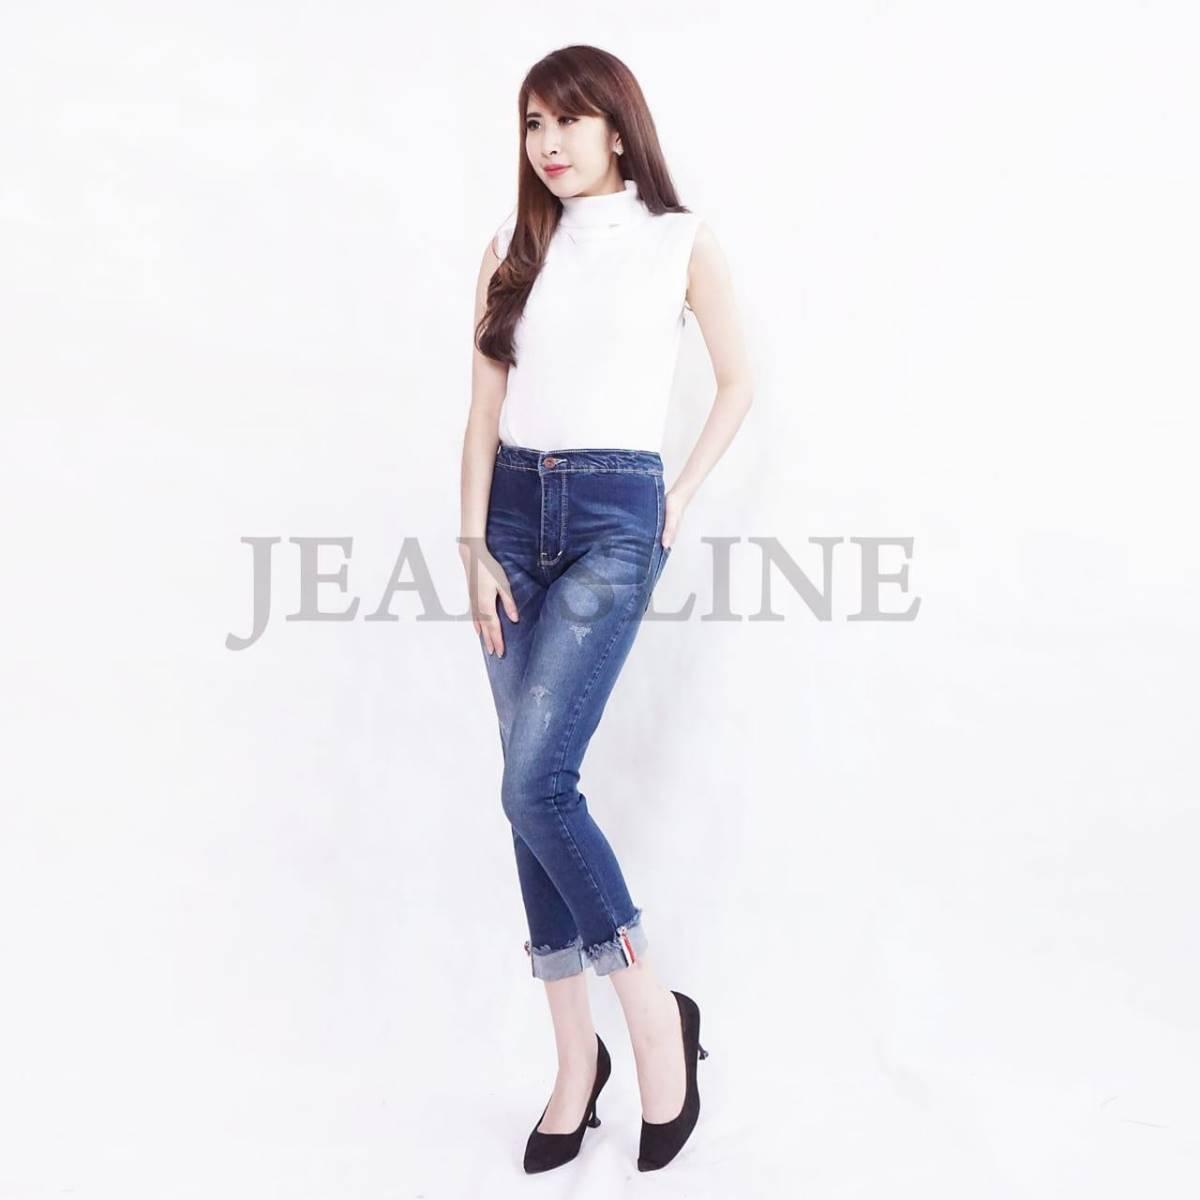 Celana Panjang Jeans Wanita - Paket 4 Pcs (size 27, 28, 29, 30)2